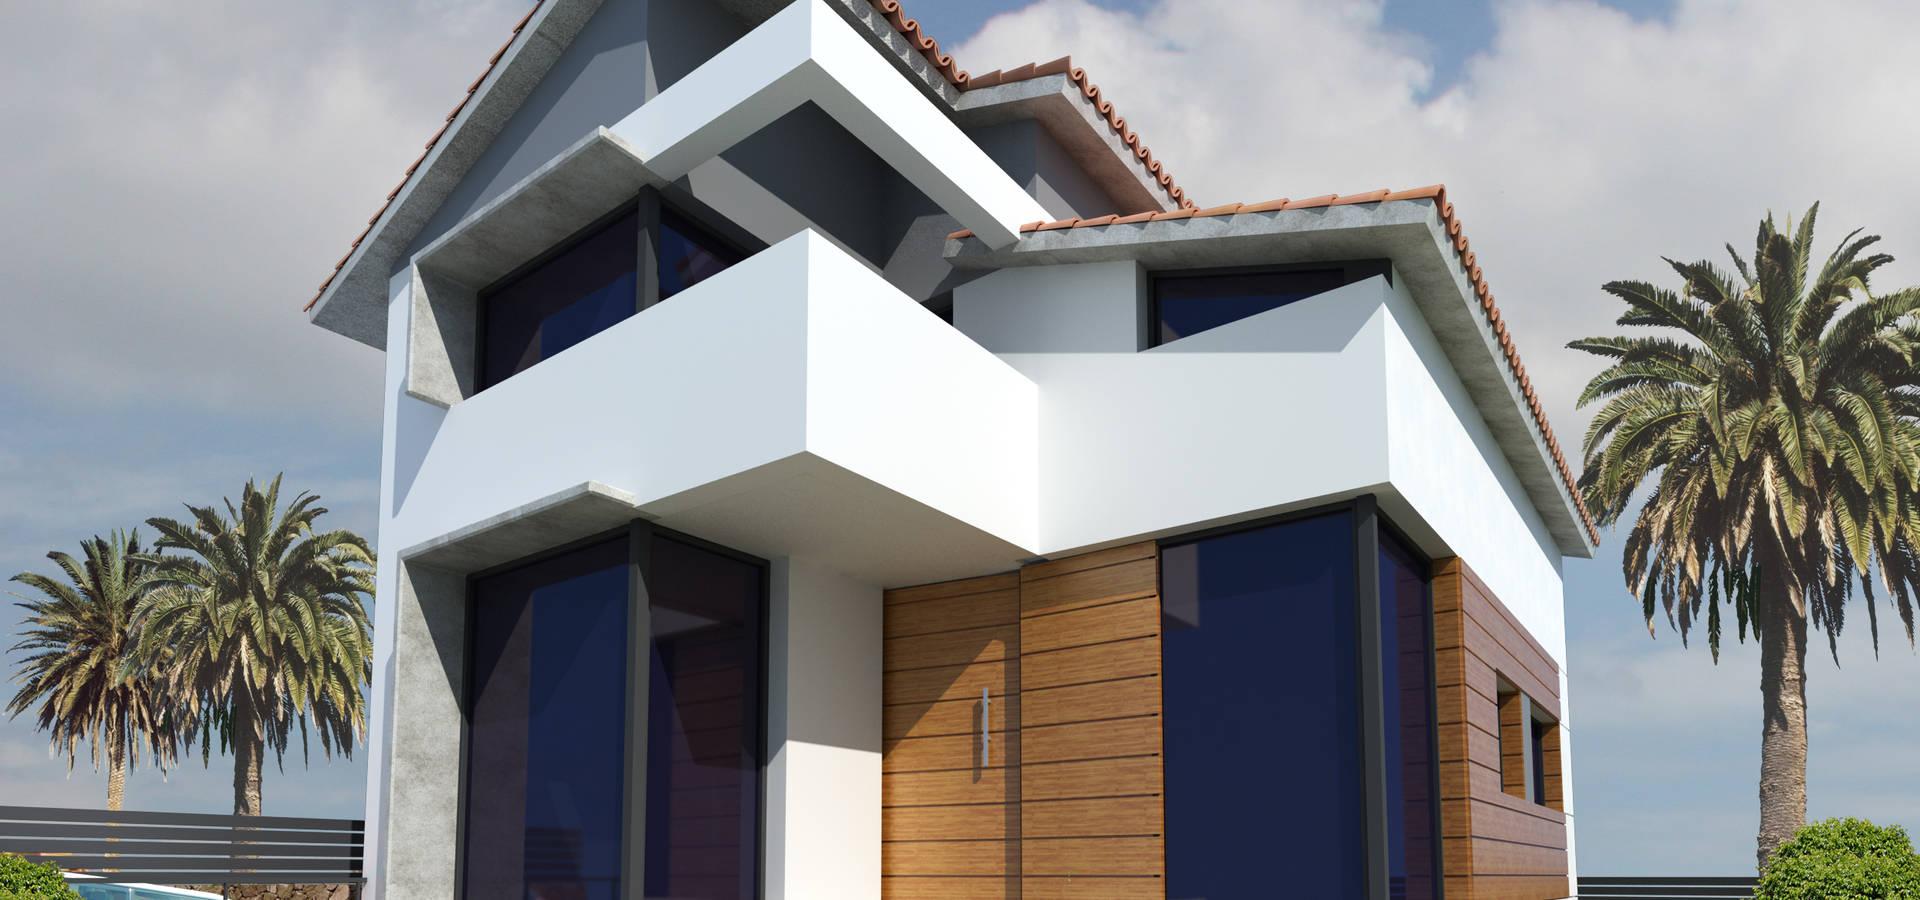 Vidal Bett Arquitecto